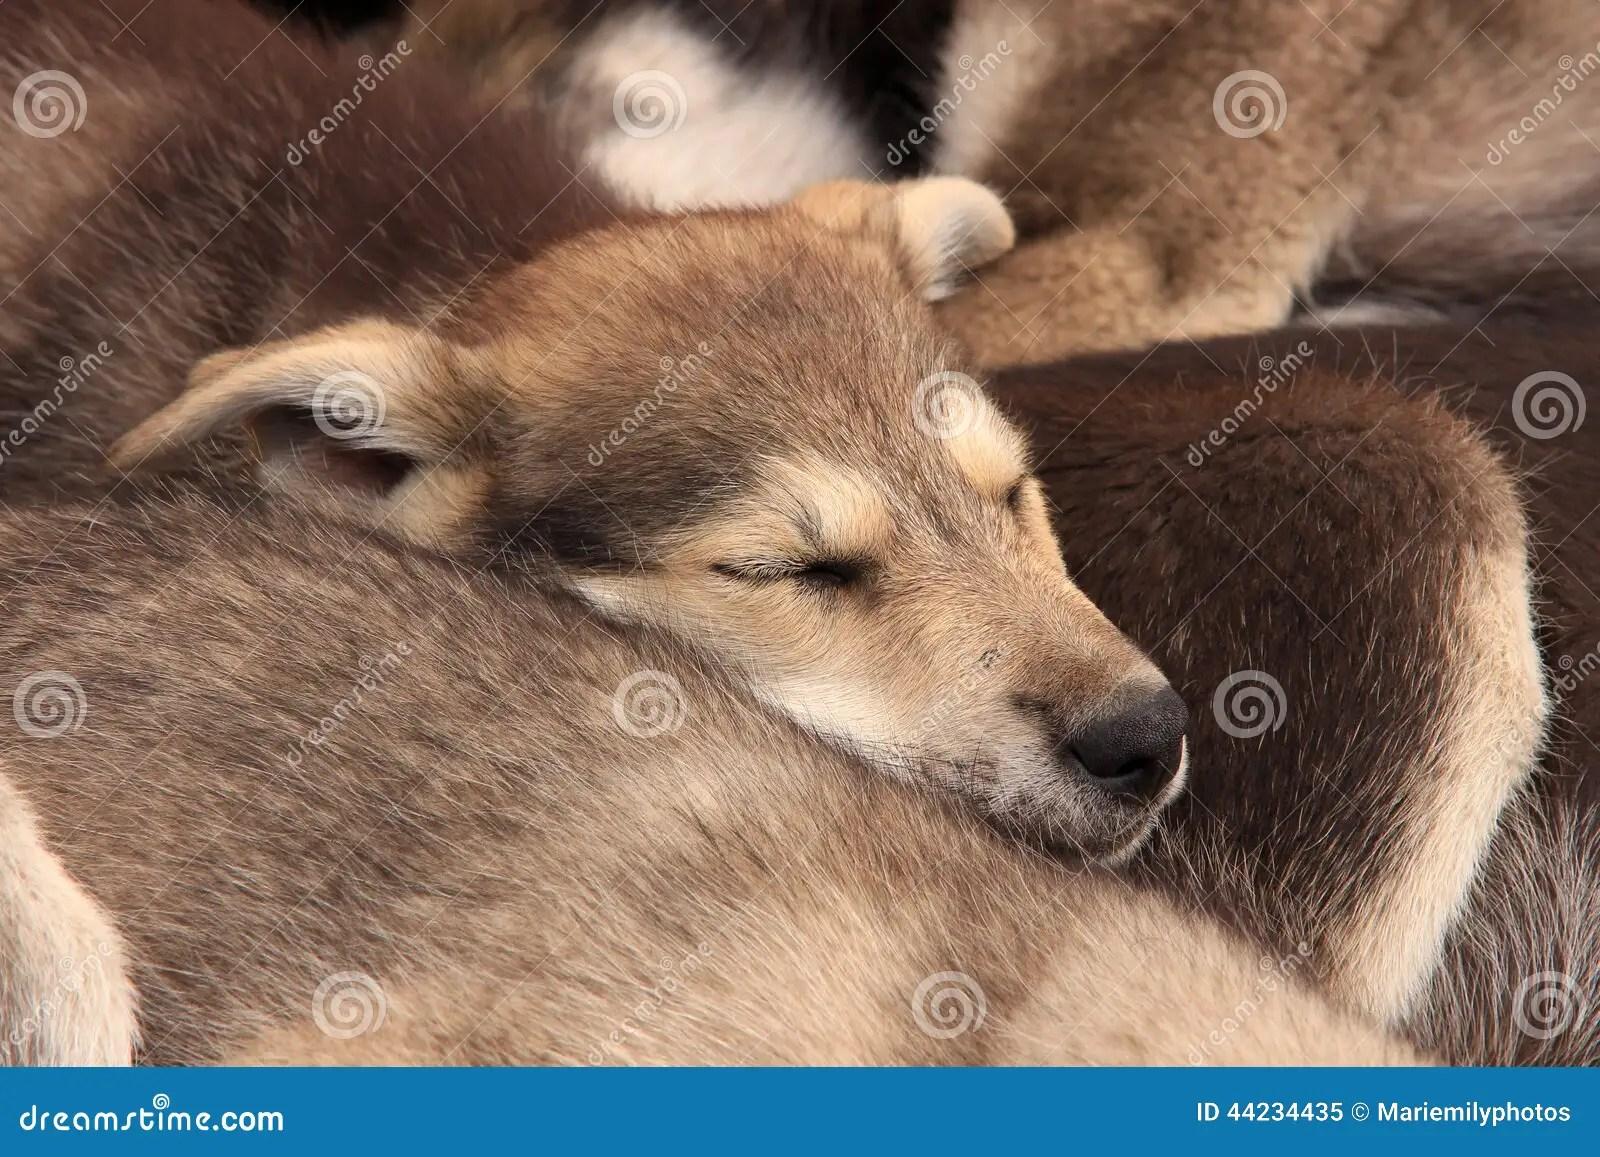 baby huskies sleeping together